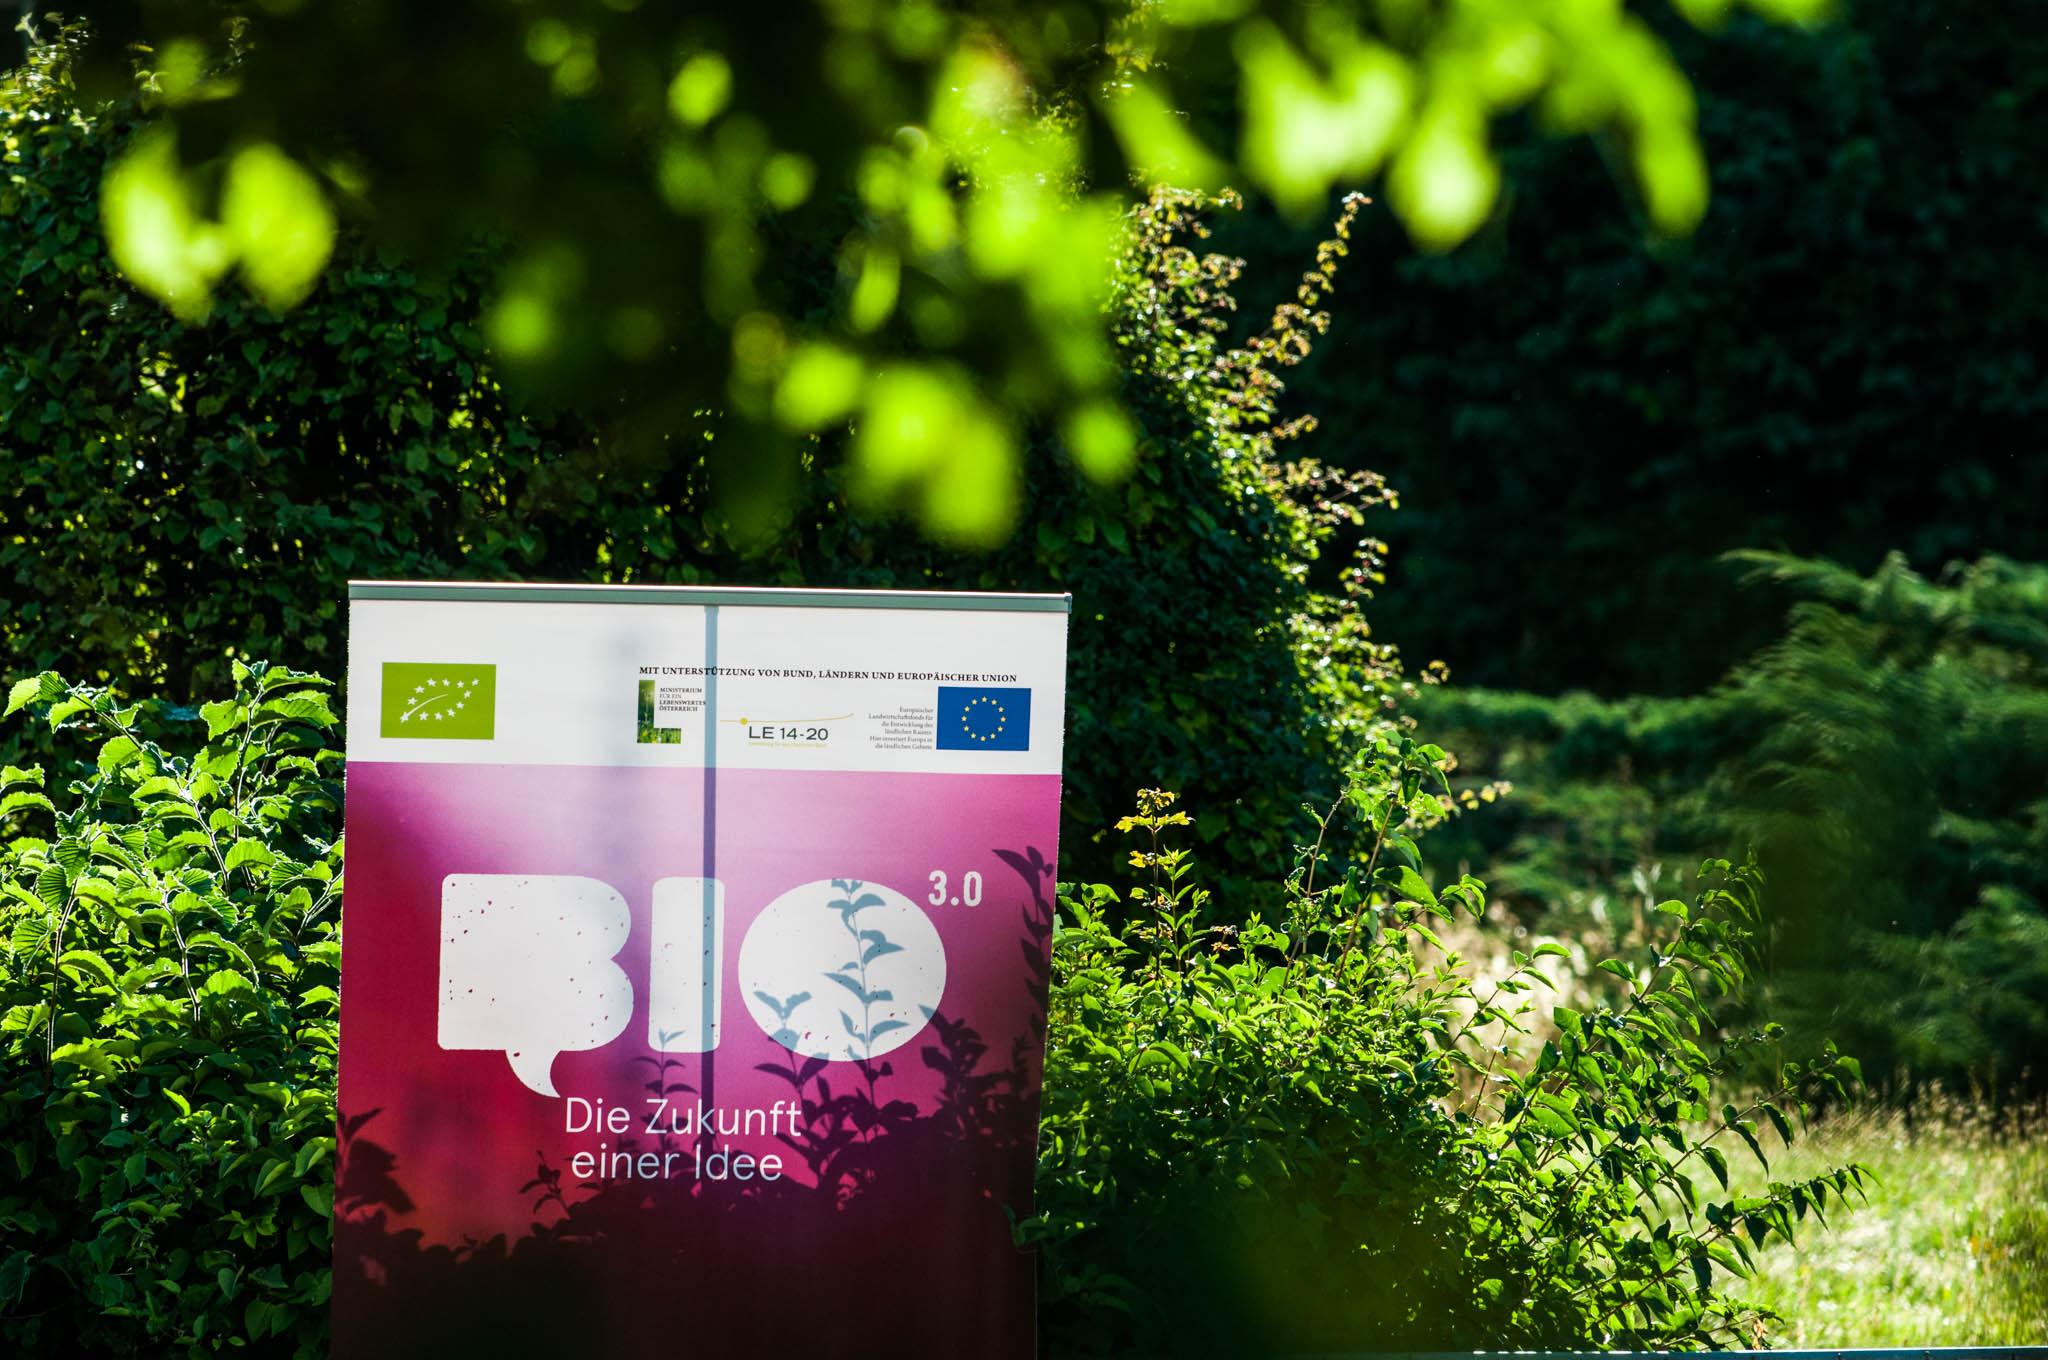 Bio 3.0 Tasting_forum Verkostung Wien Cobenzl Summerdrinks